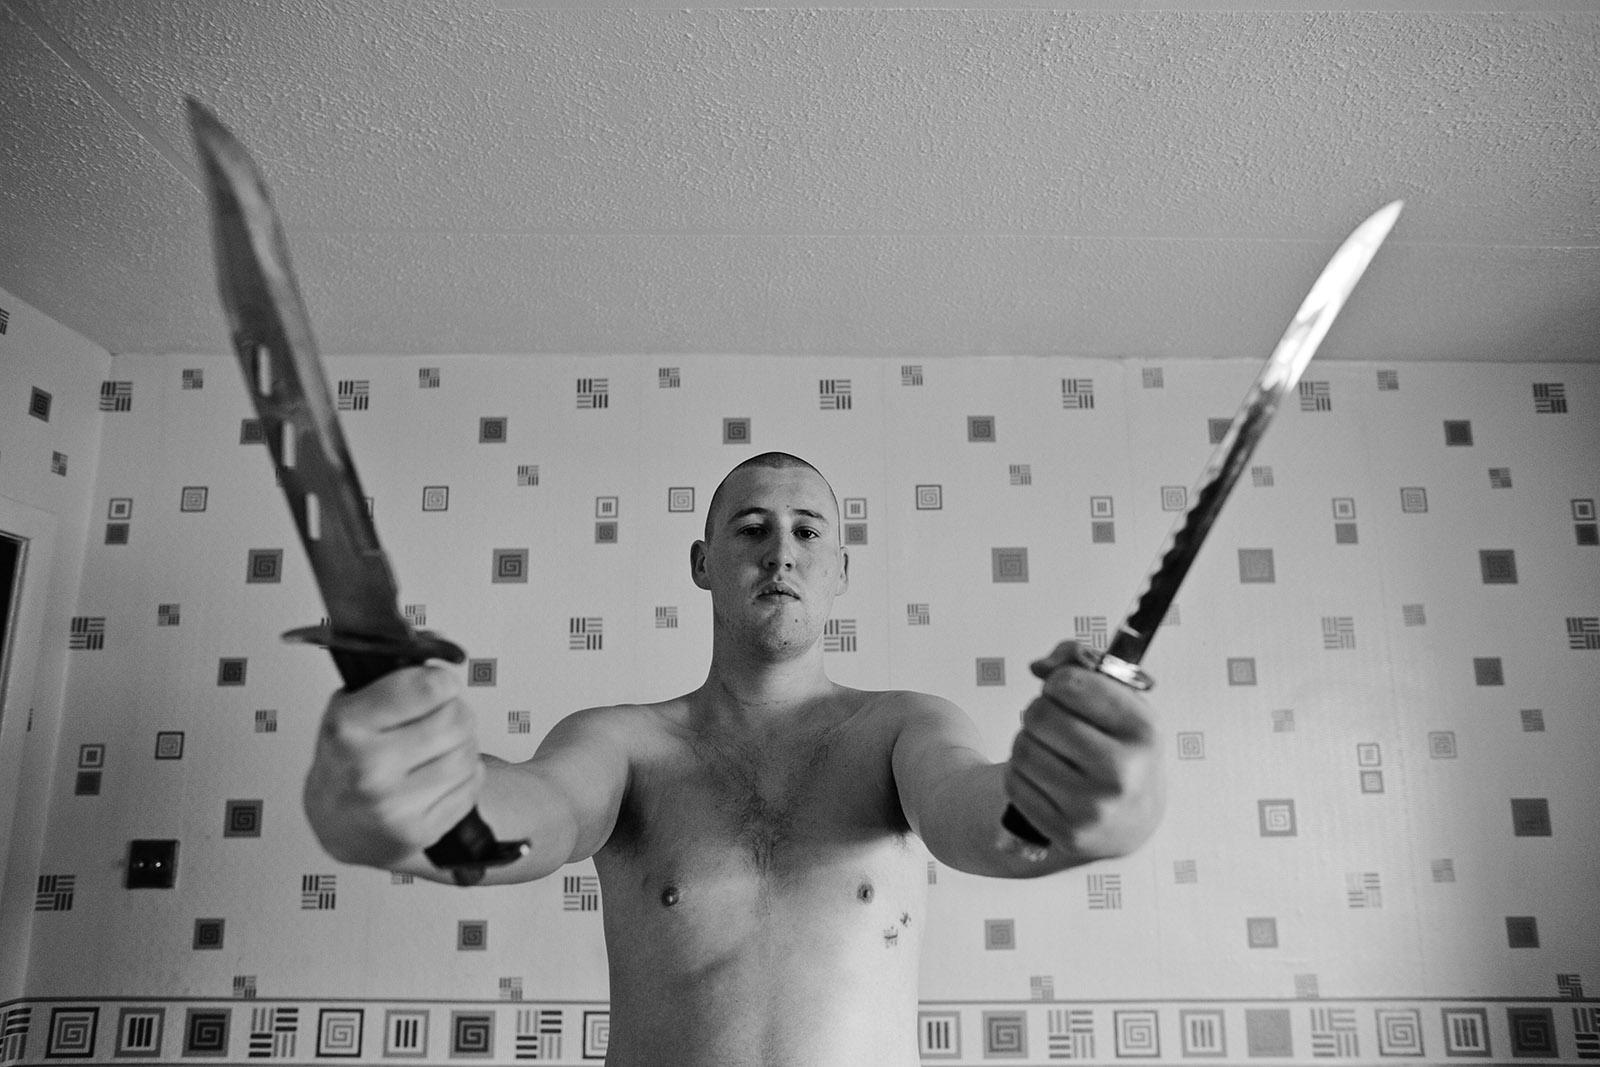 foto van man met twee messen in zijn handen als een soort kunstobject om geweld uit te beelden